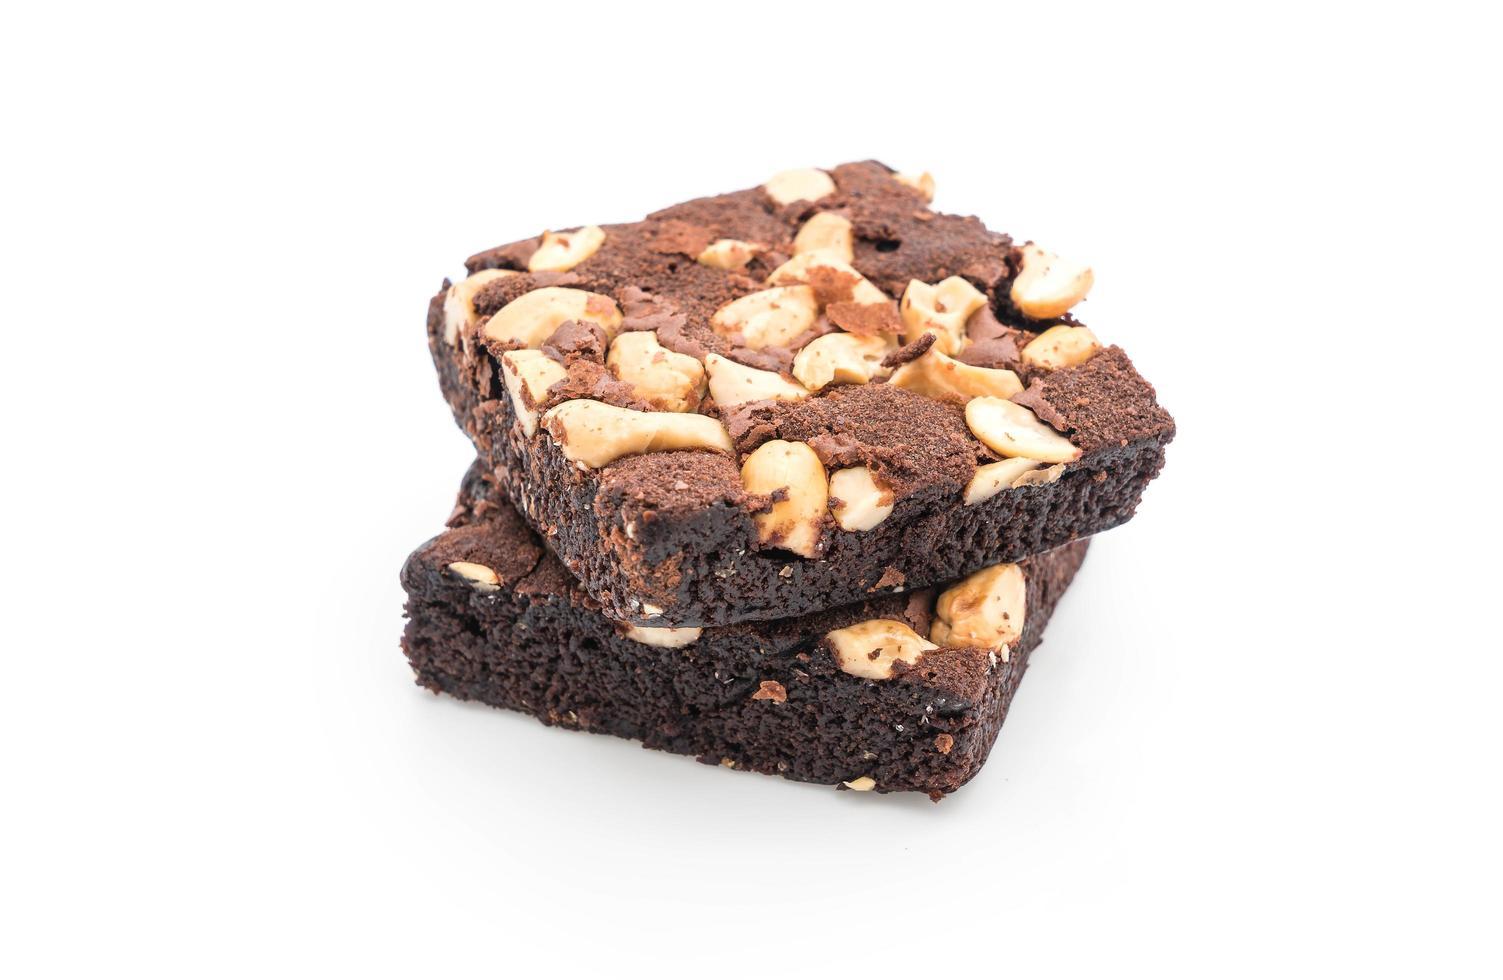 Schokoladen Brownies auf Weiß foto